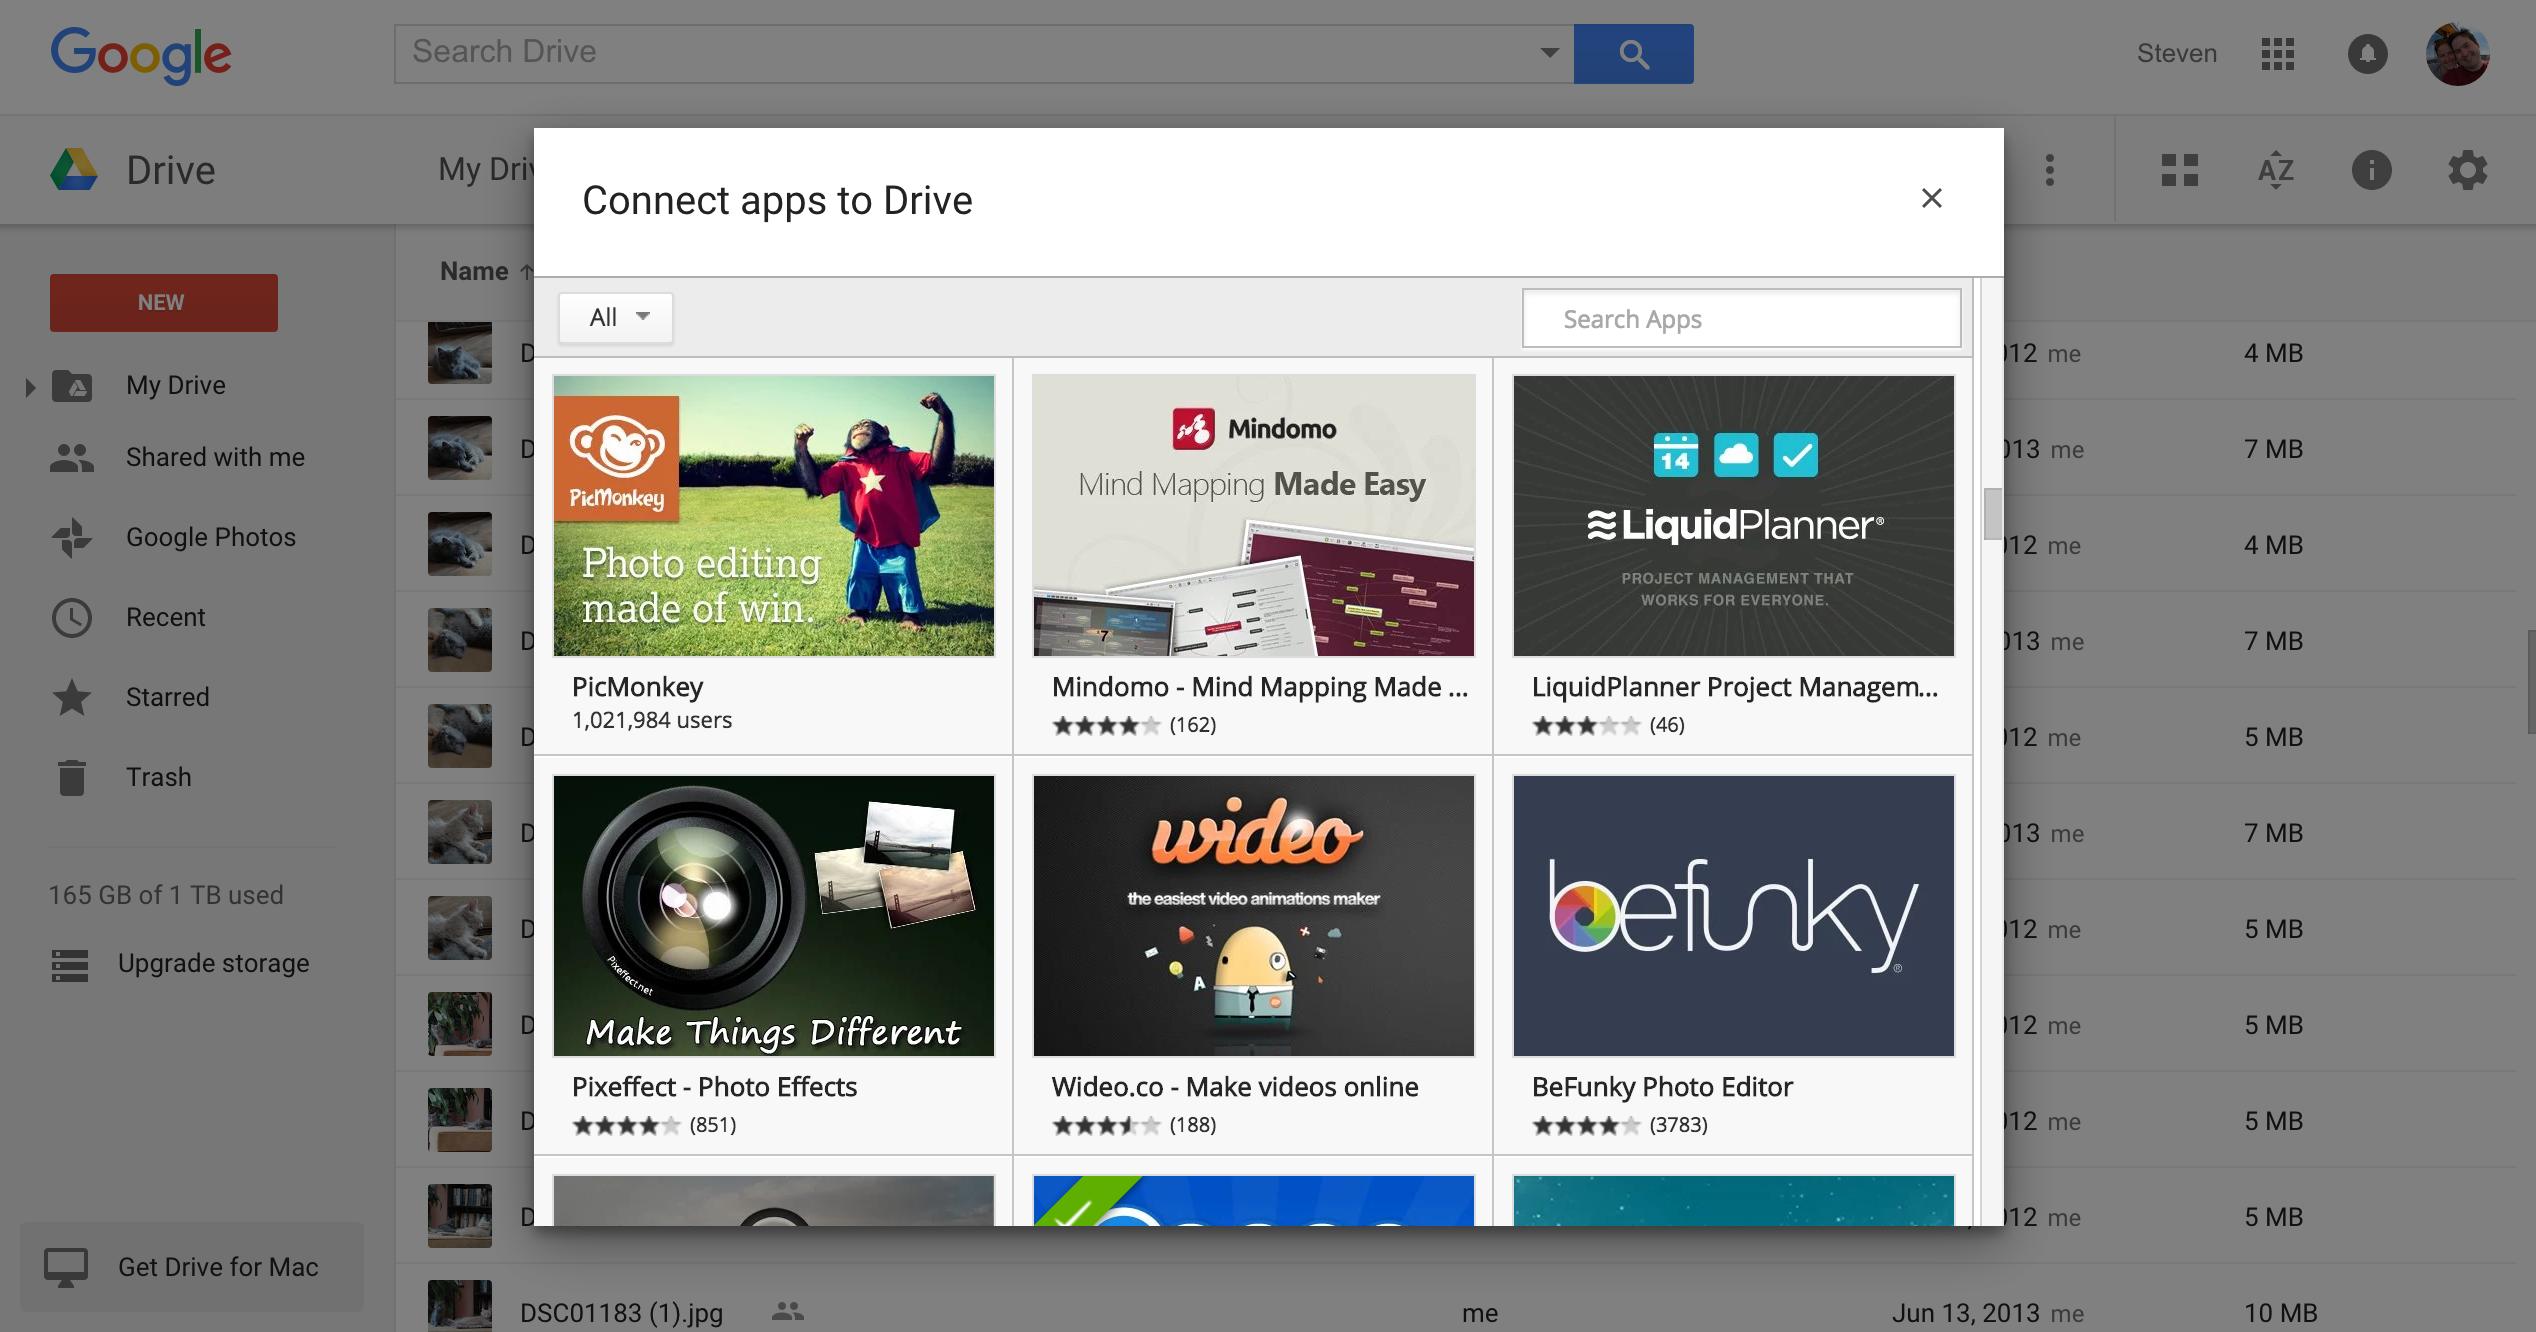 Chrome Web Mağazası Drive uygulamaları listesi